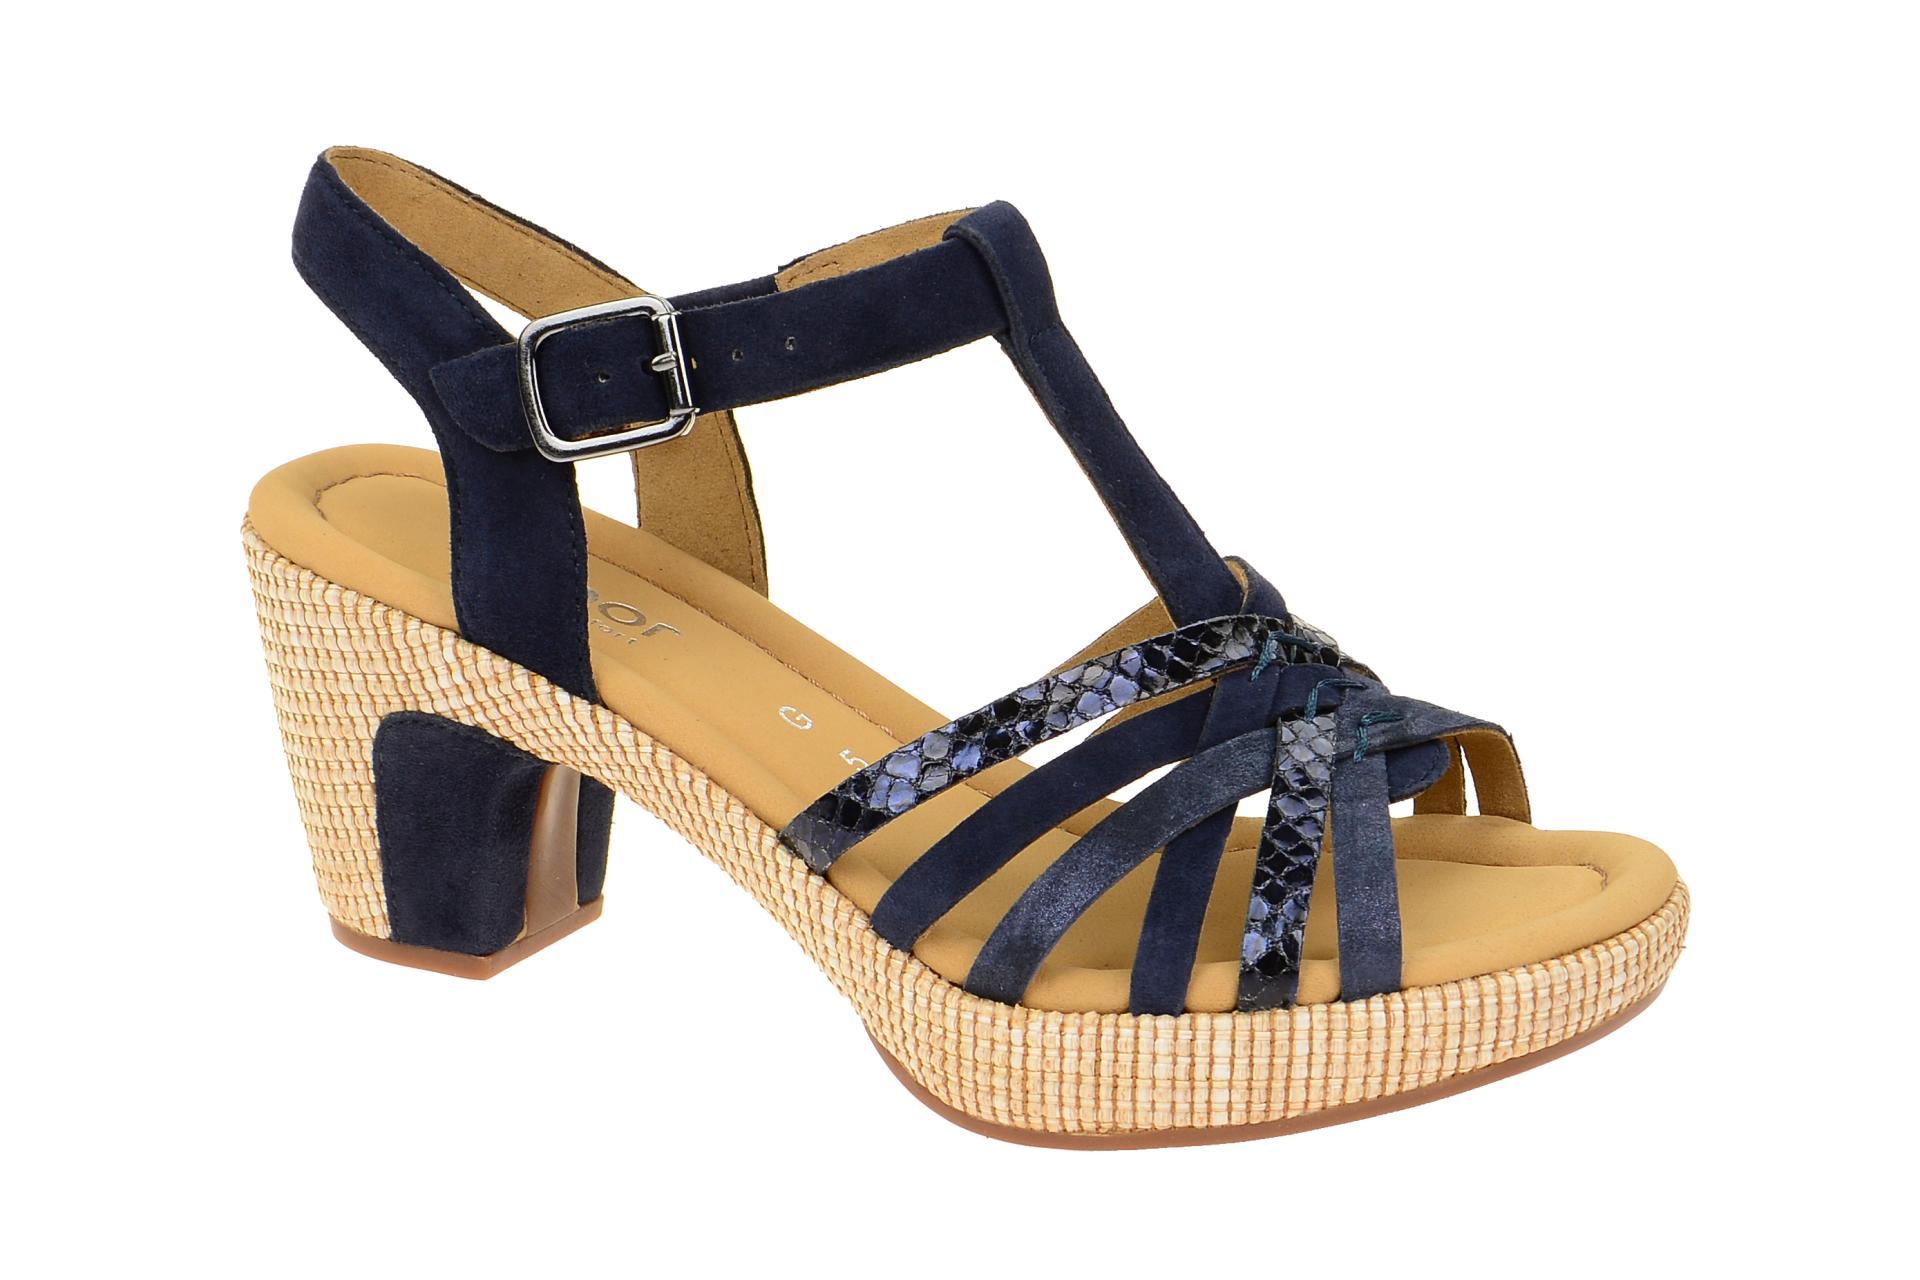 Gabor comfort Sandalen blau ocean - Schuhhaus Strauch Shop ee591bff83